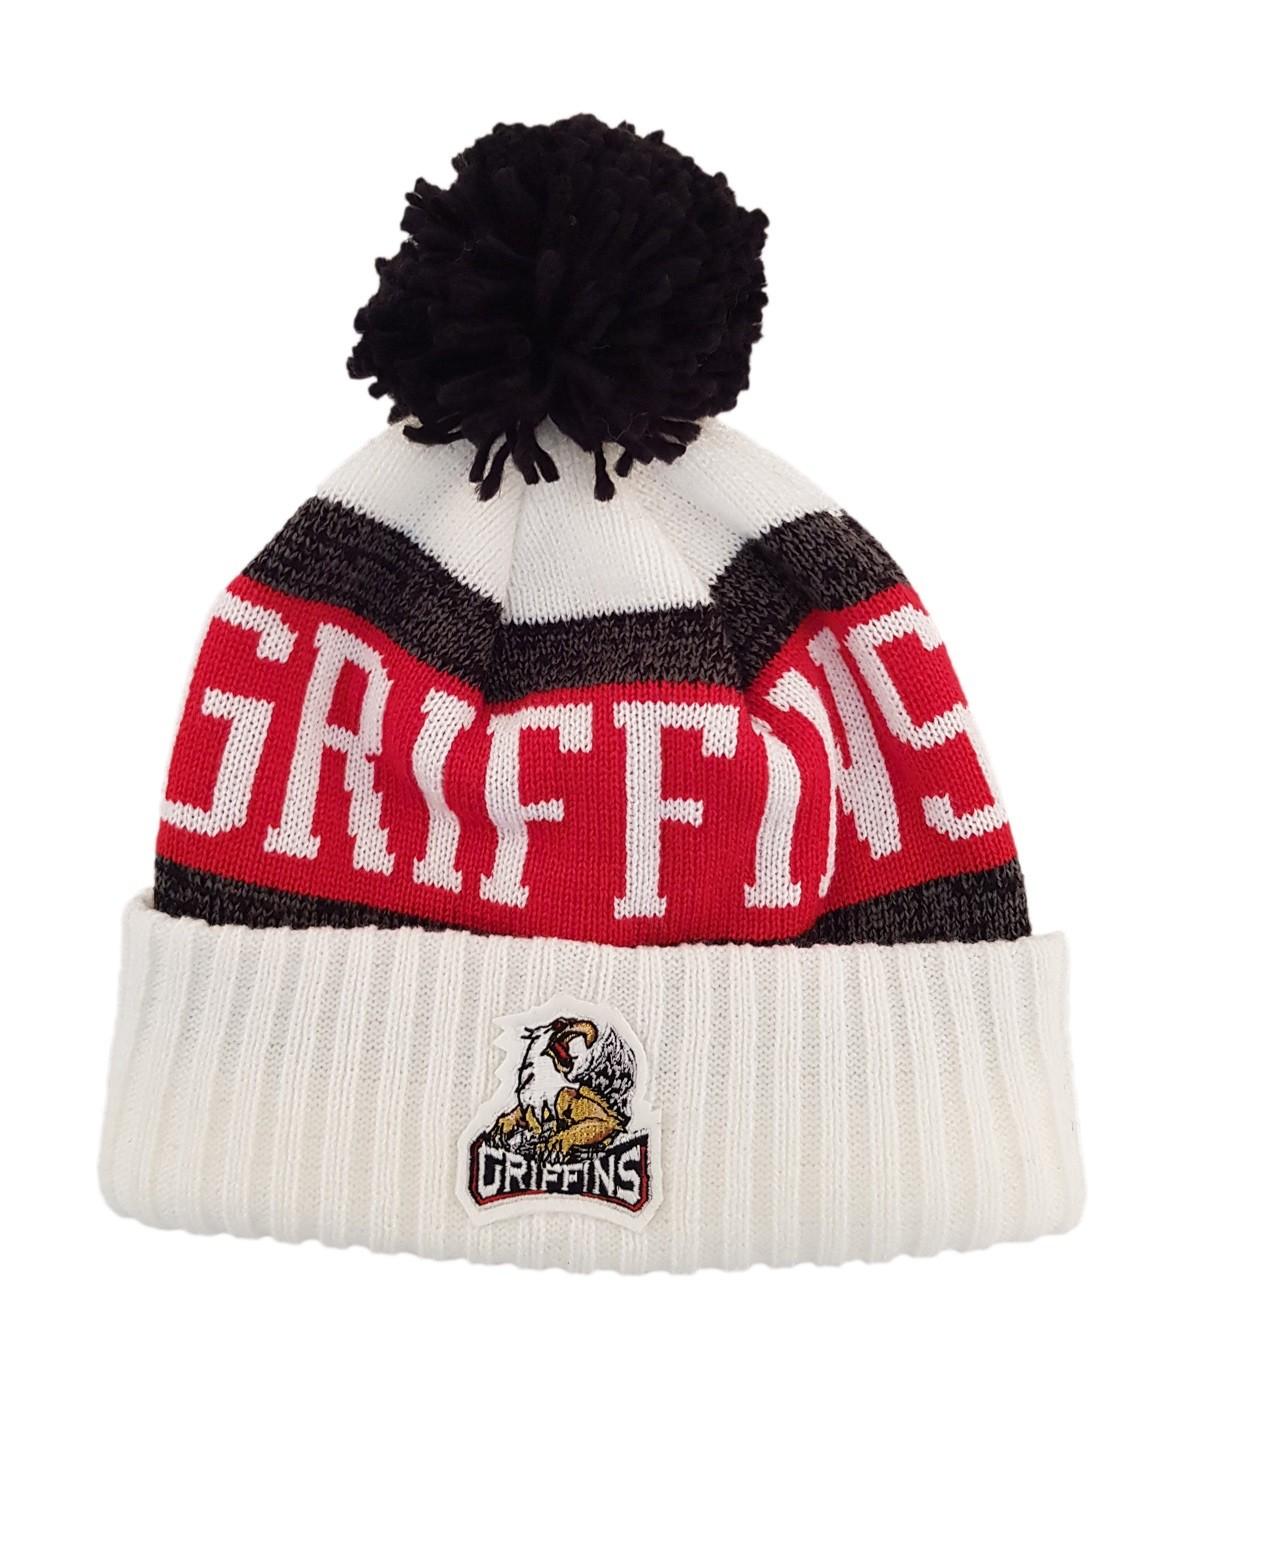 CCM Griffins Winter Hat C3952